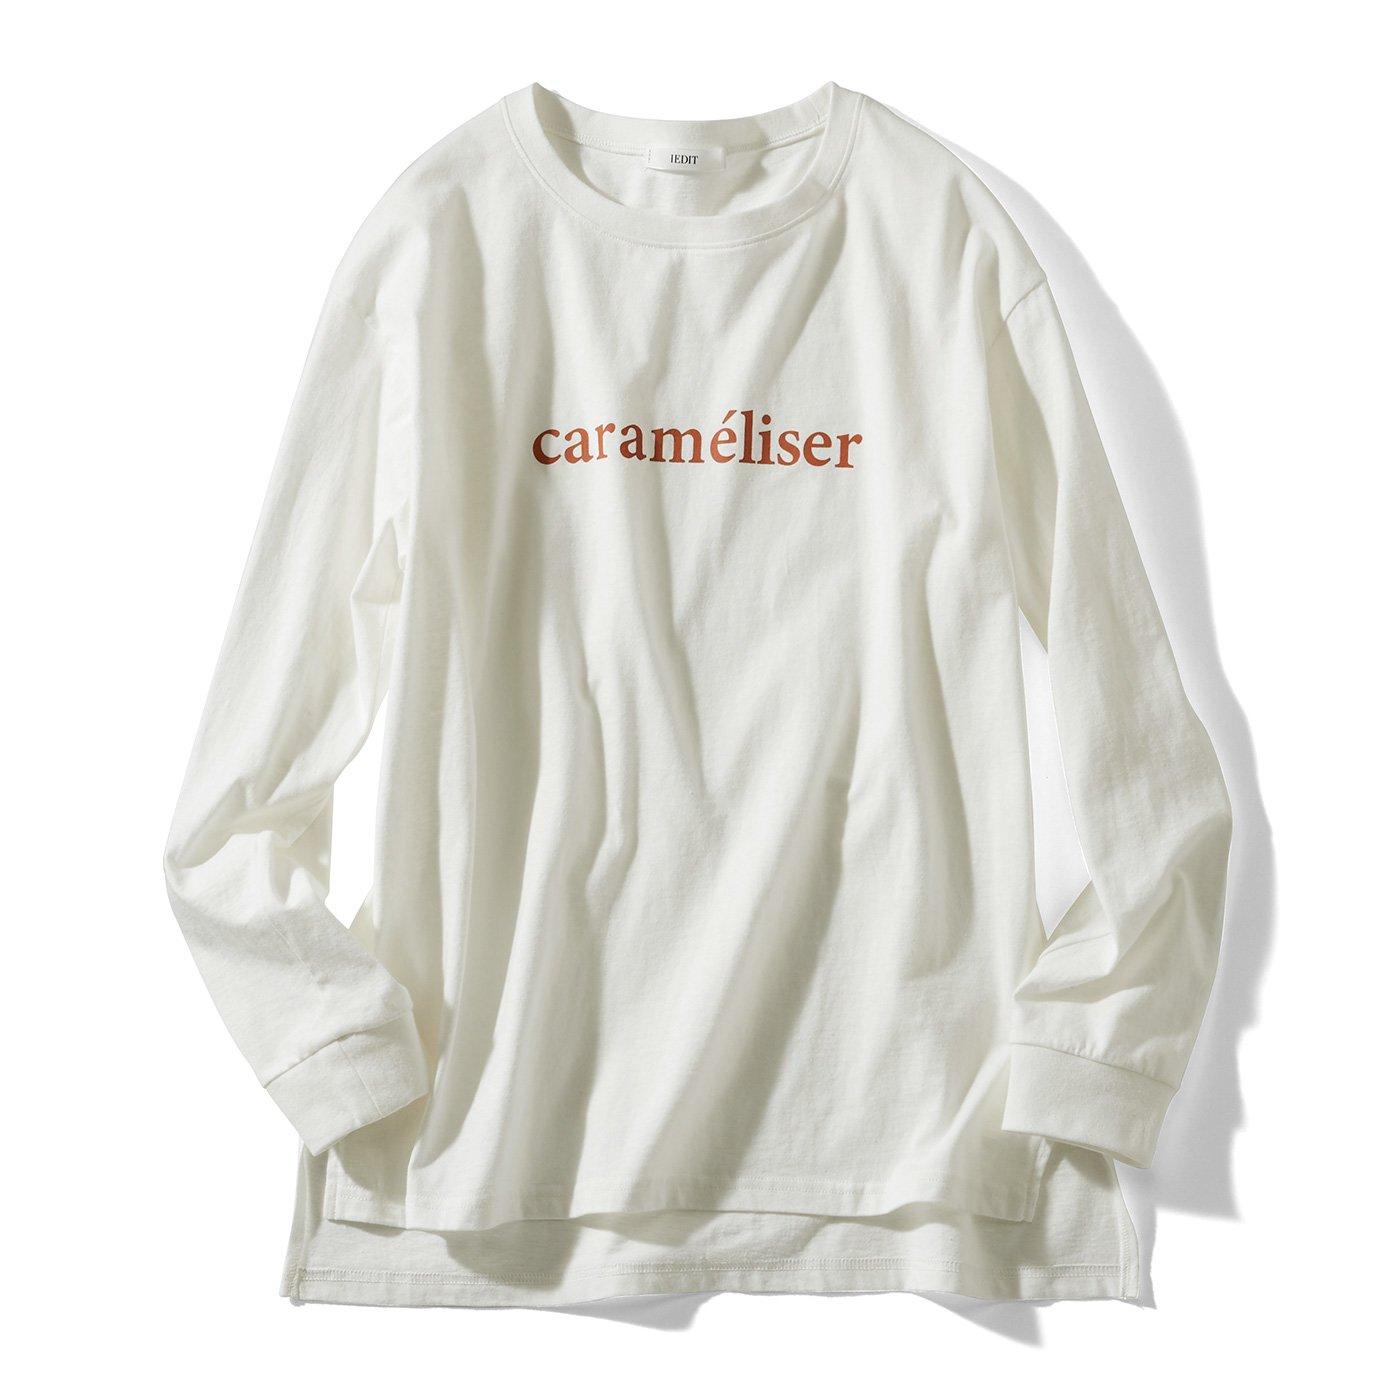 牧野紗弥さん×IEDIT[イディット] 気軽におそろいを楽しめる 吸汗速乾加工のリサイクルコットンロゴTシャツ〈ホワイト〉